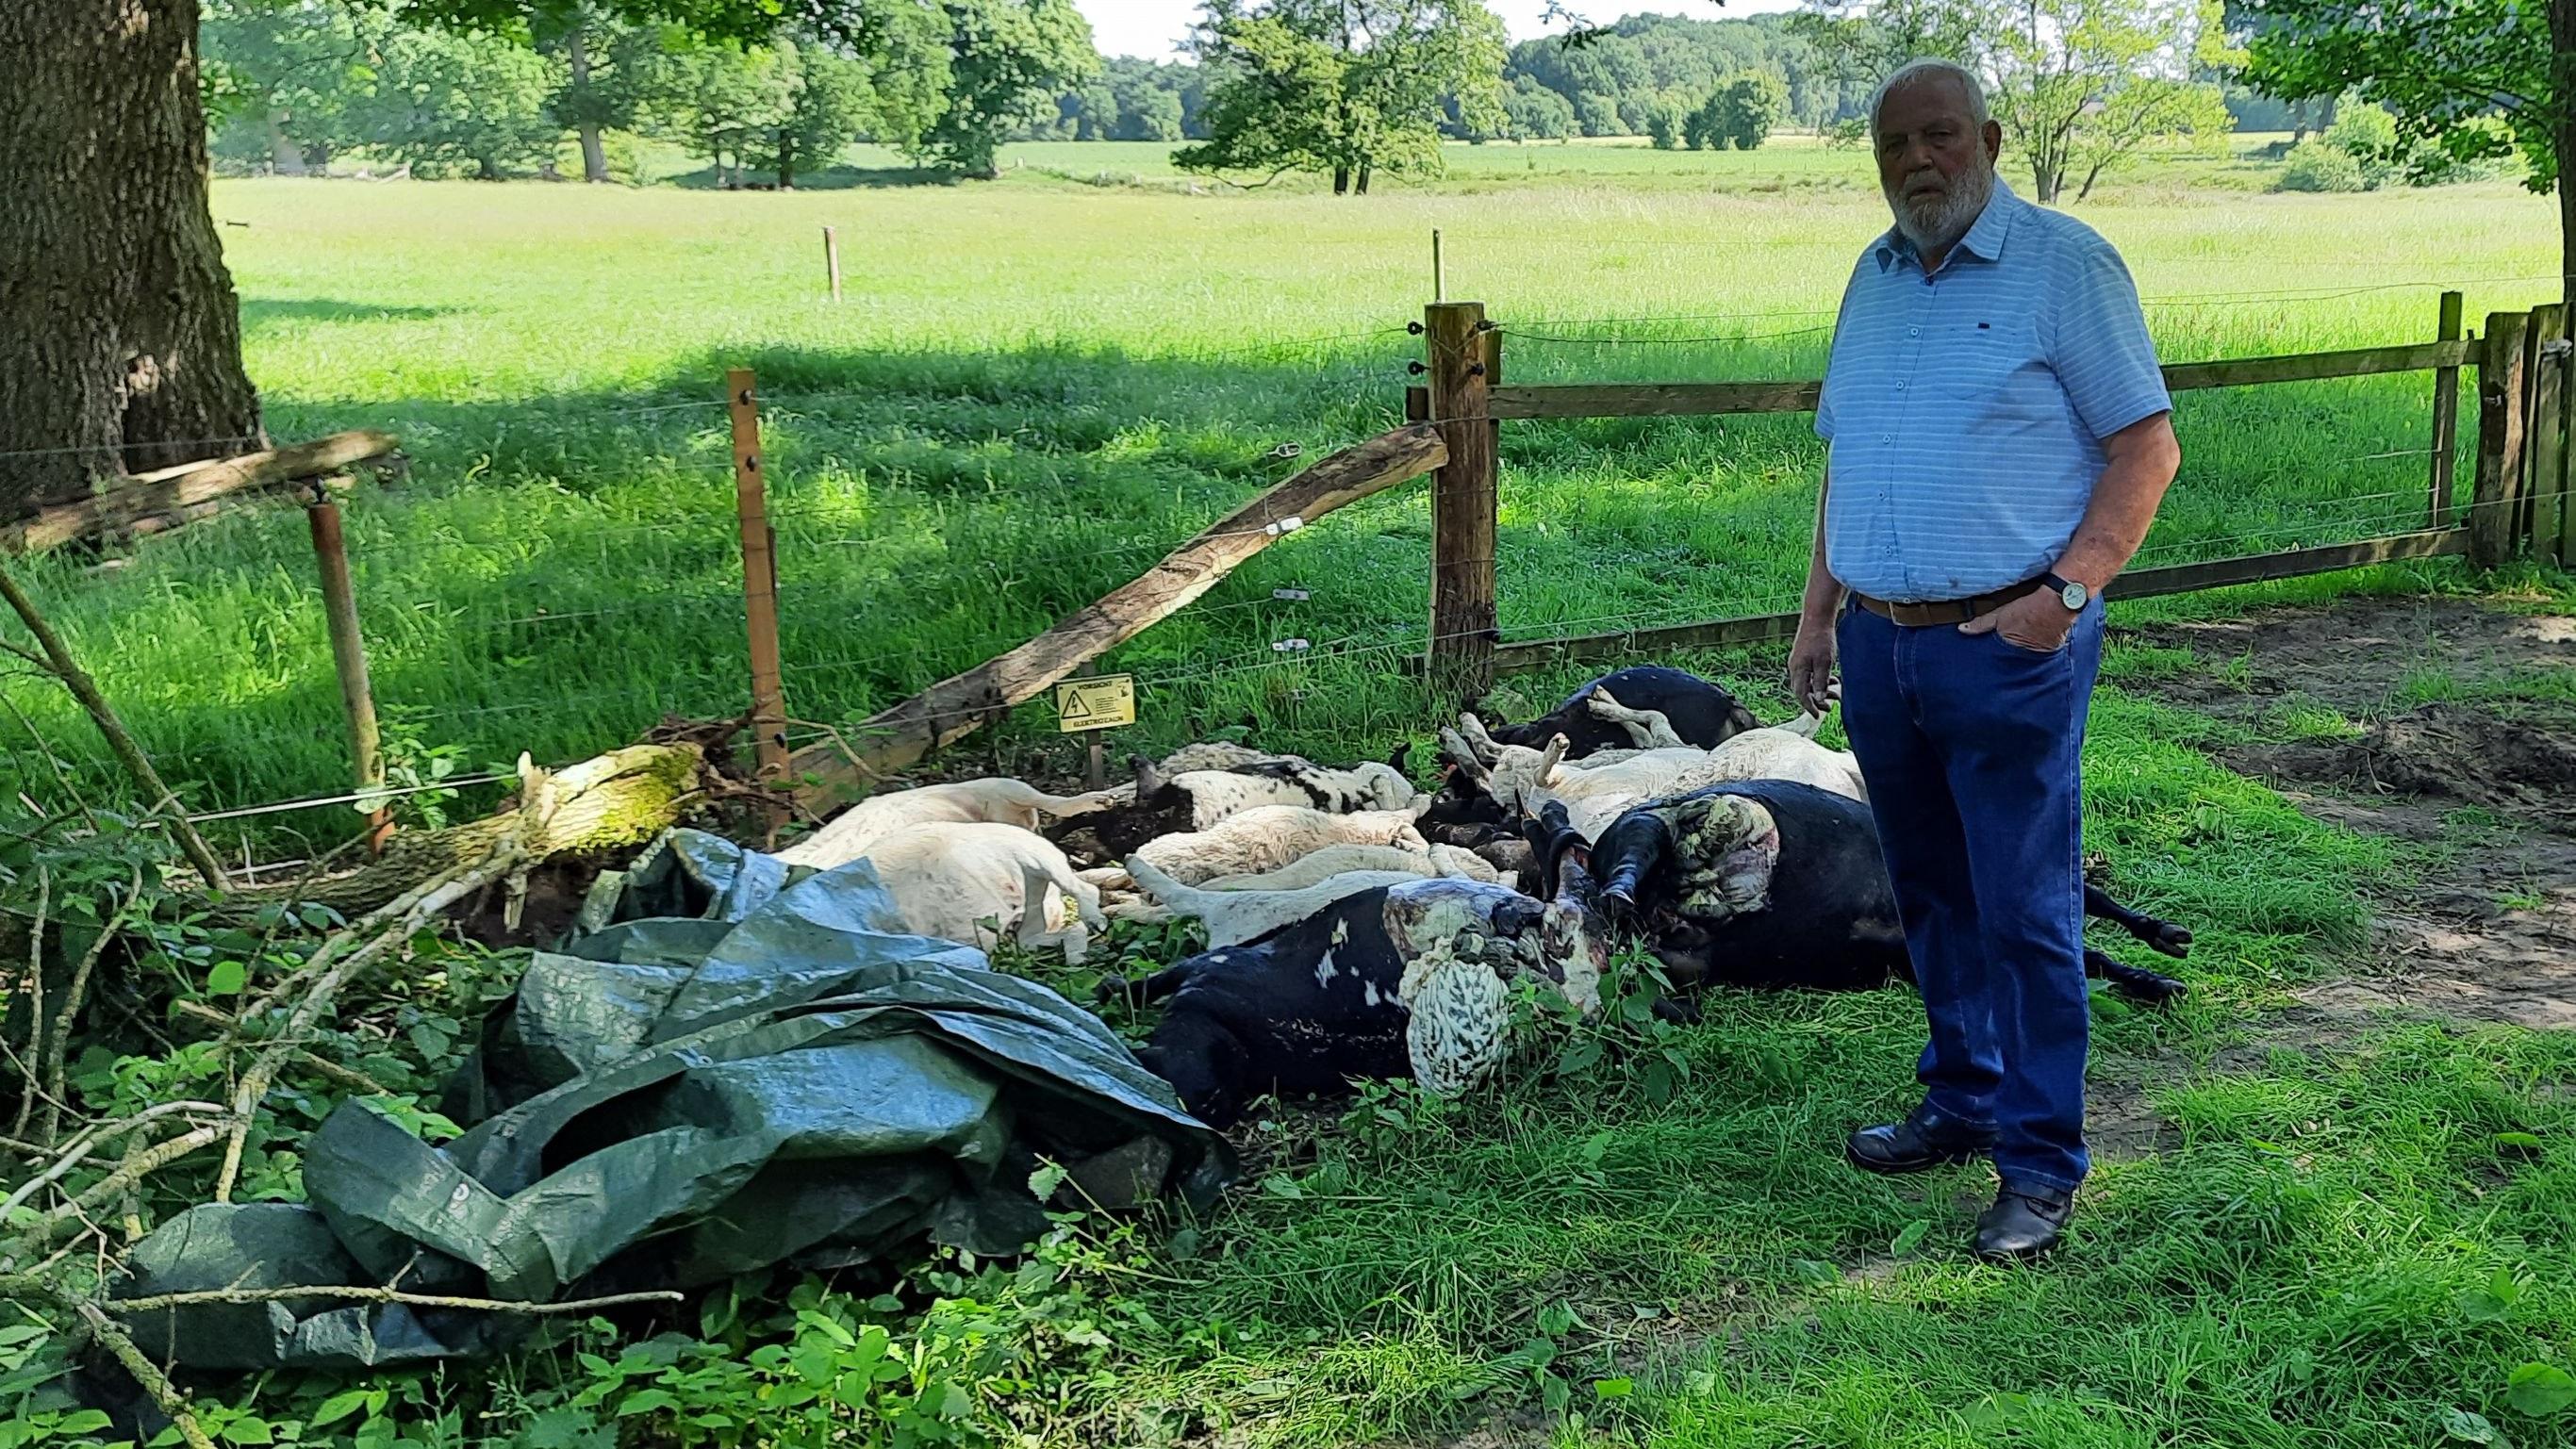 17 tote Schafe hat Franz Stammermann zu beklagen. Drei Lämmer werden noch vermisst. Fotos: Stix